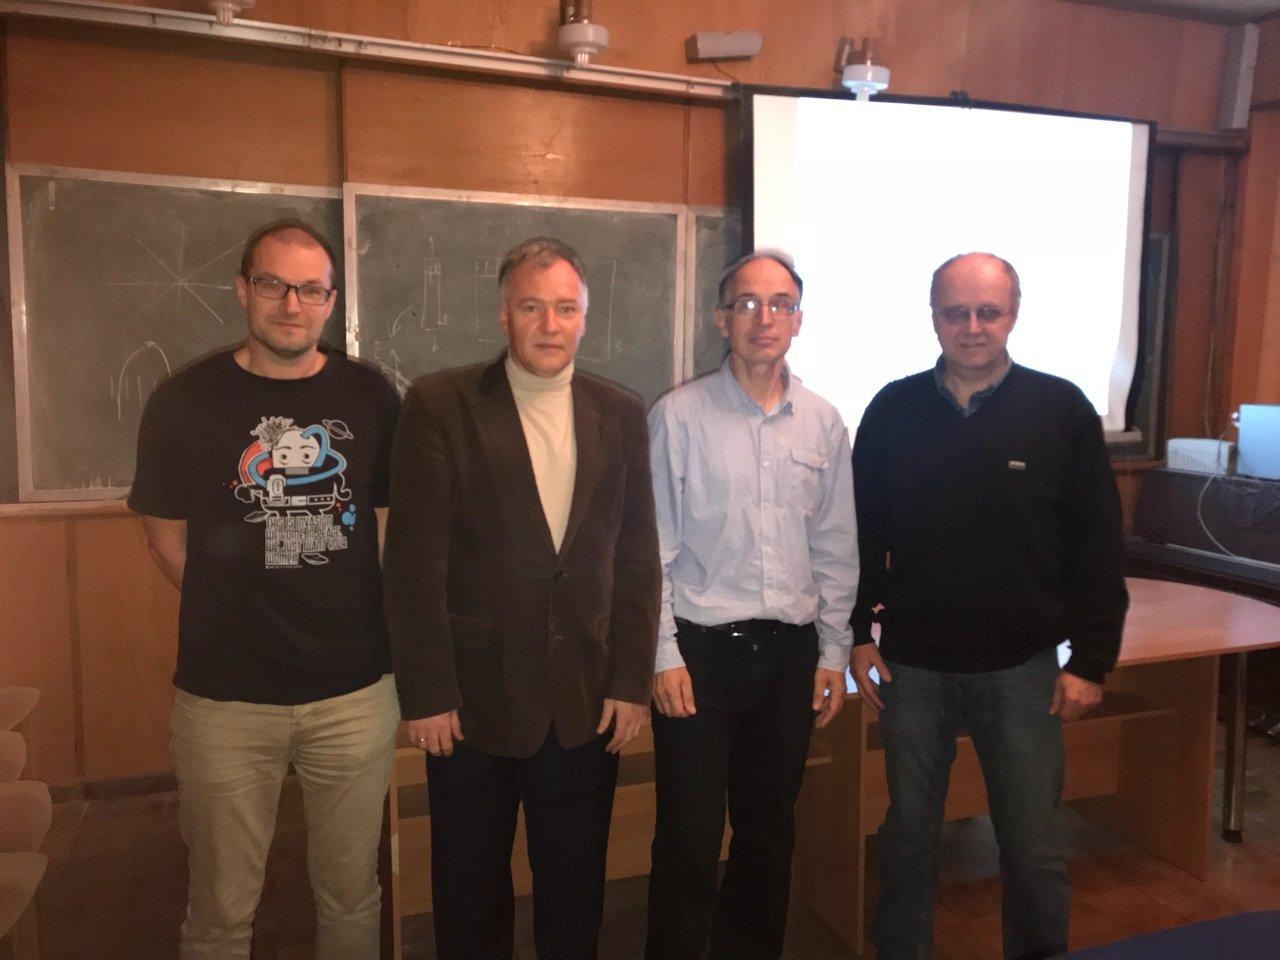 Mednarodna vpetost FINI na Evropski ravni: vzpostavljeno je sodelovanje z Državno univerzo v Sankt Peterburgu